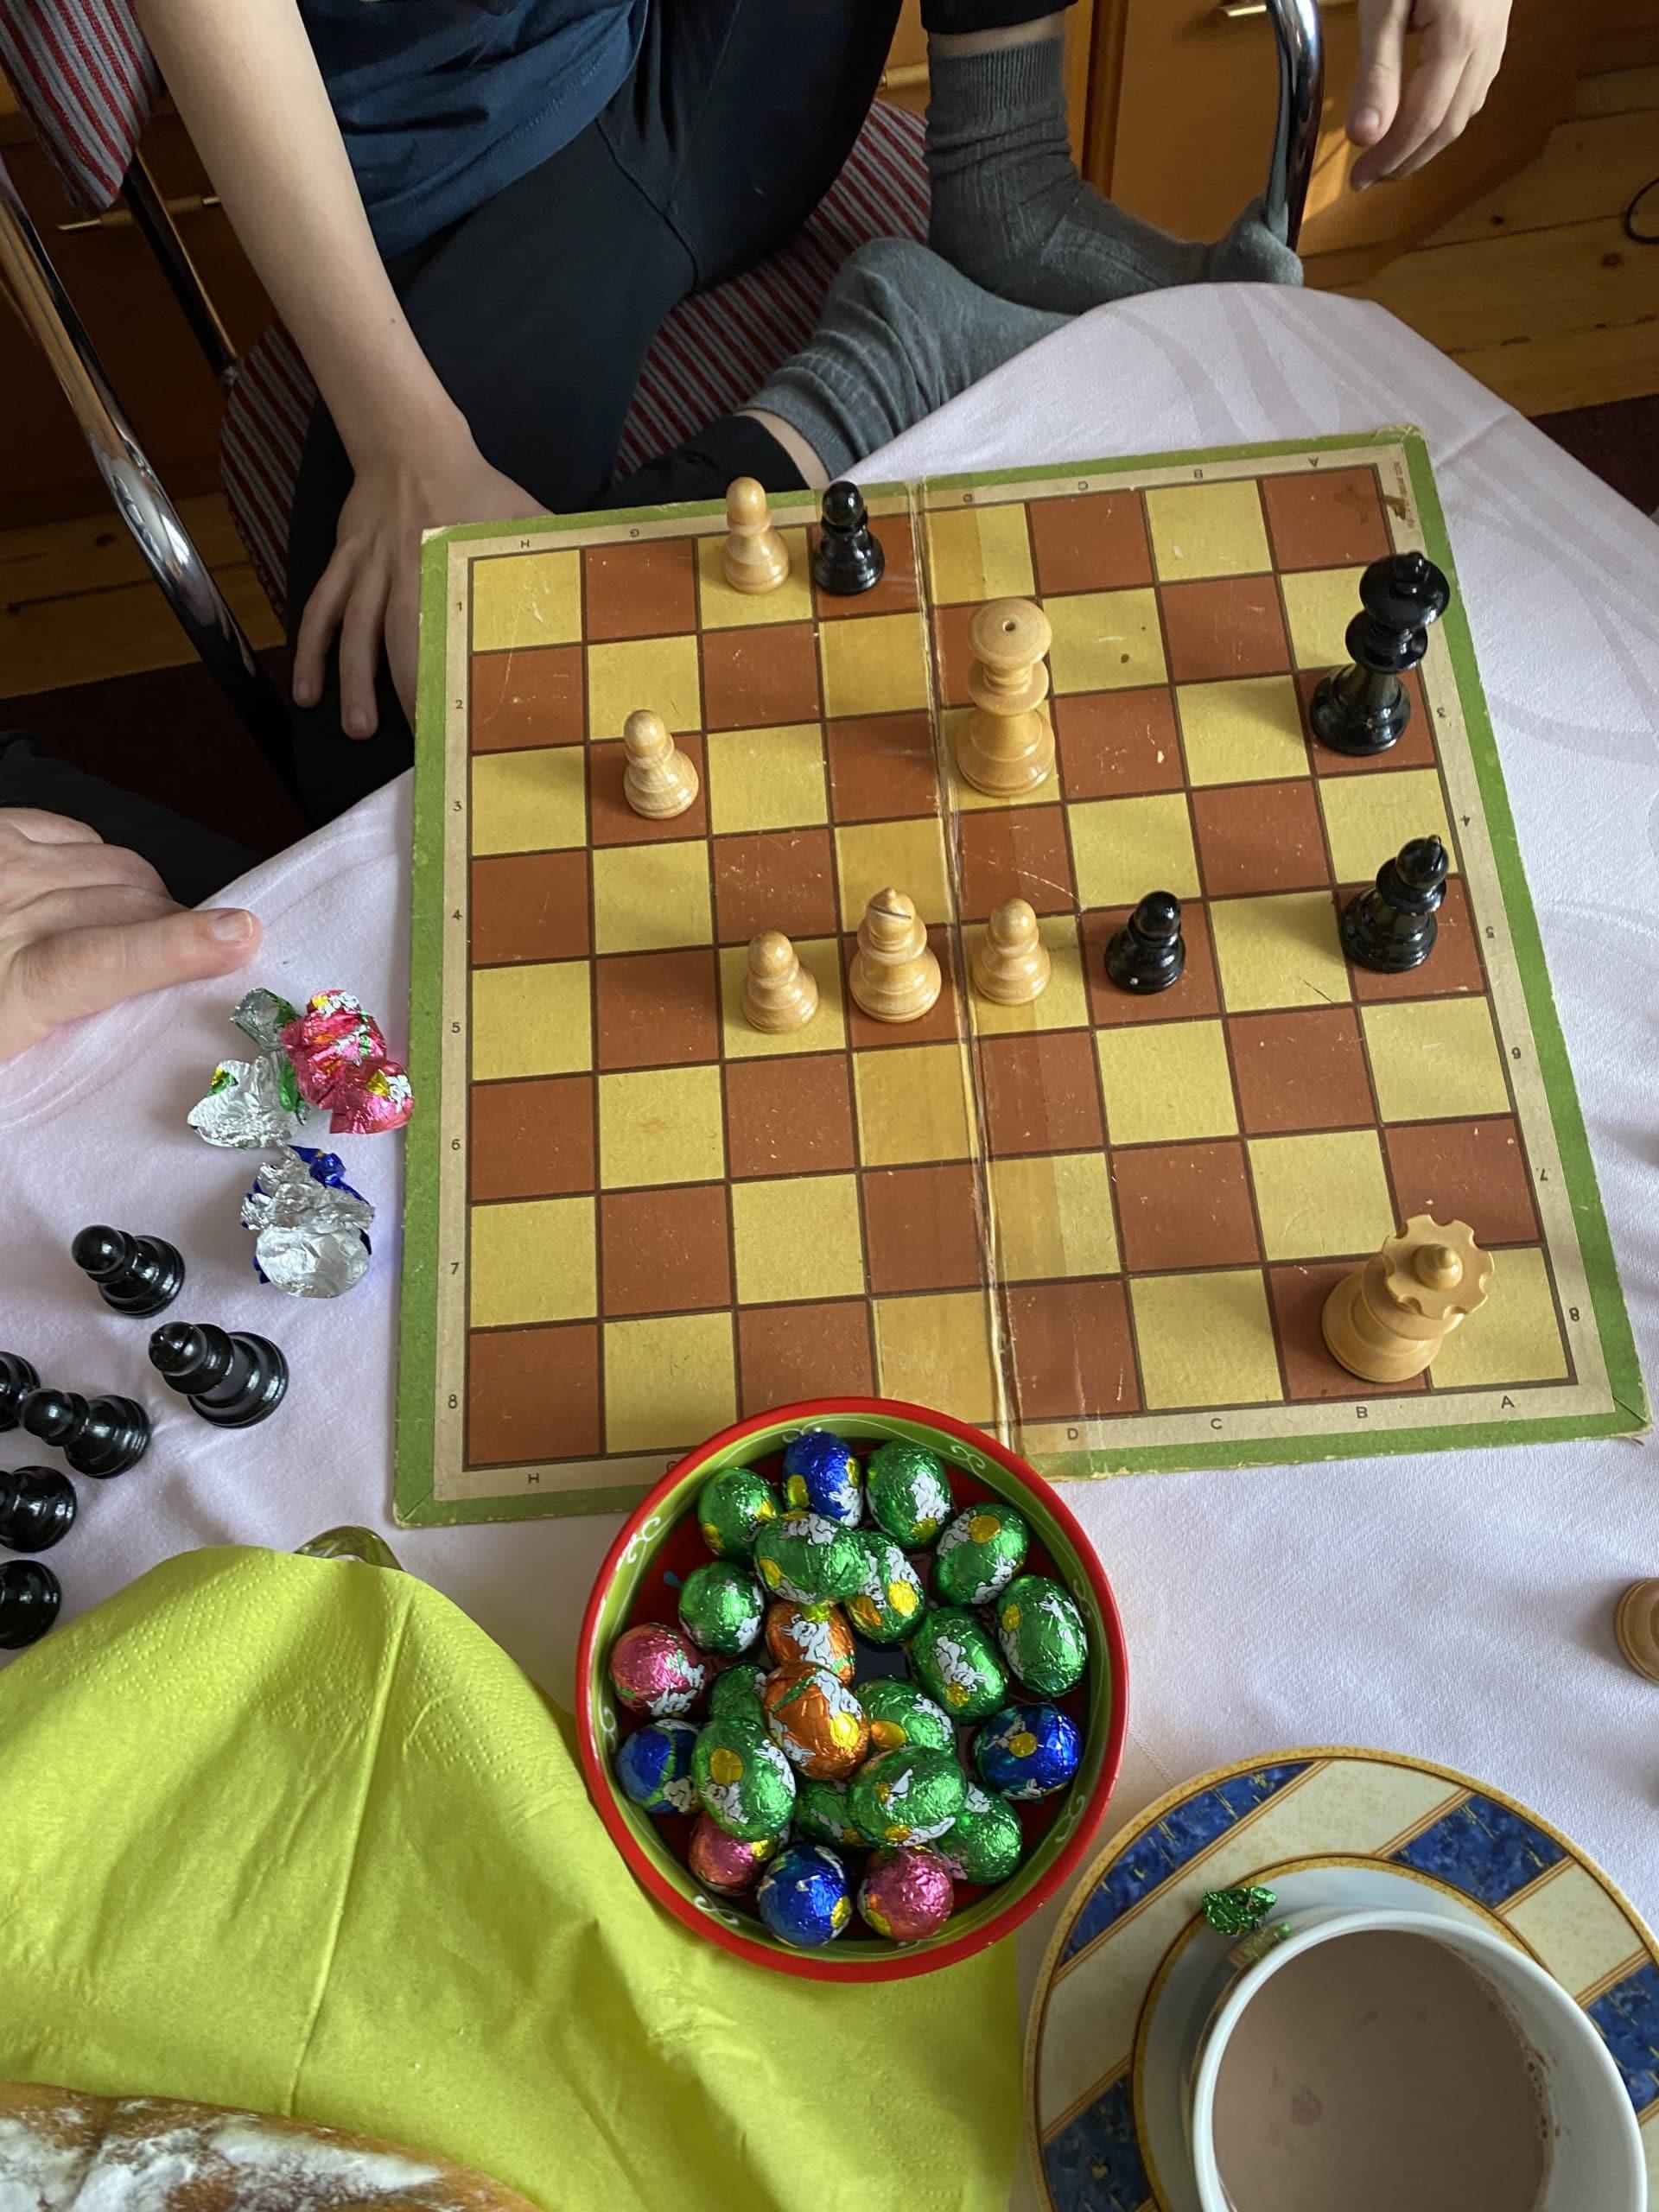 Es wird Schach gespielt. Der Sohn und Opa sind sehr gute Schachspieler.